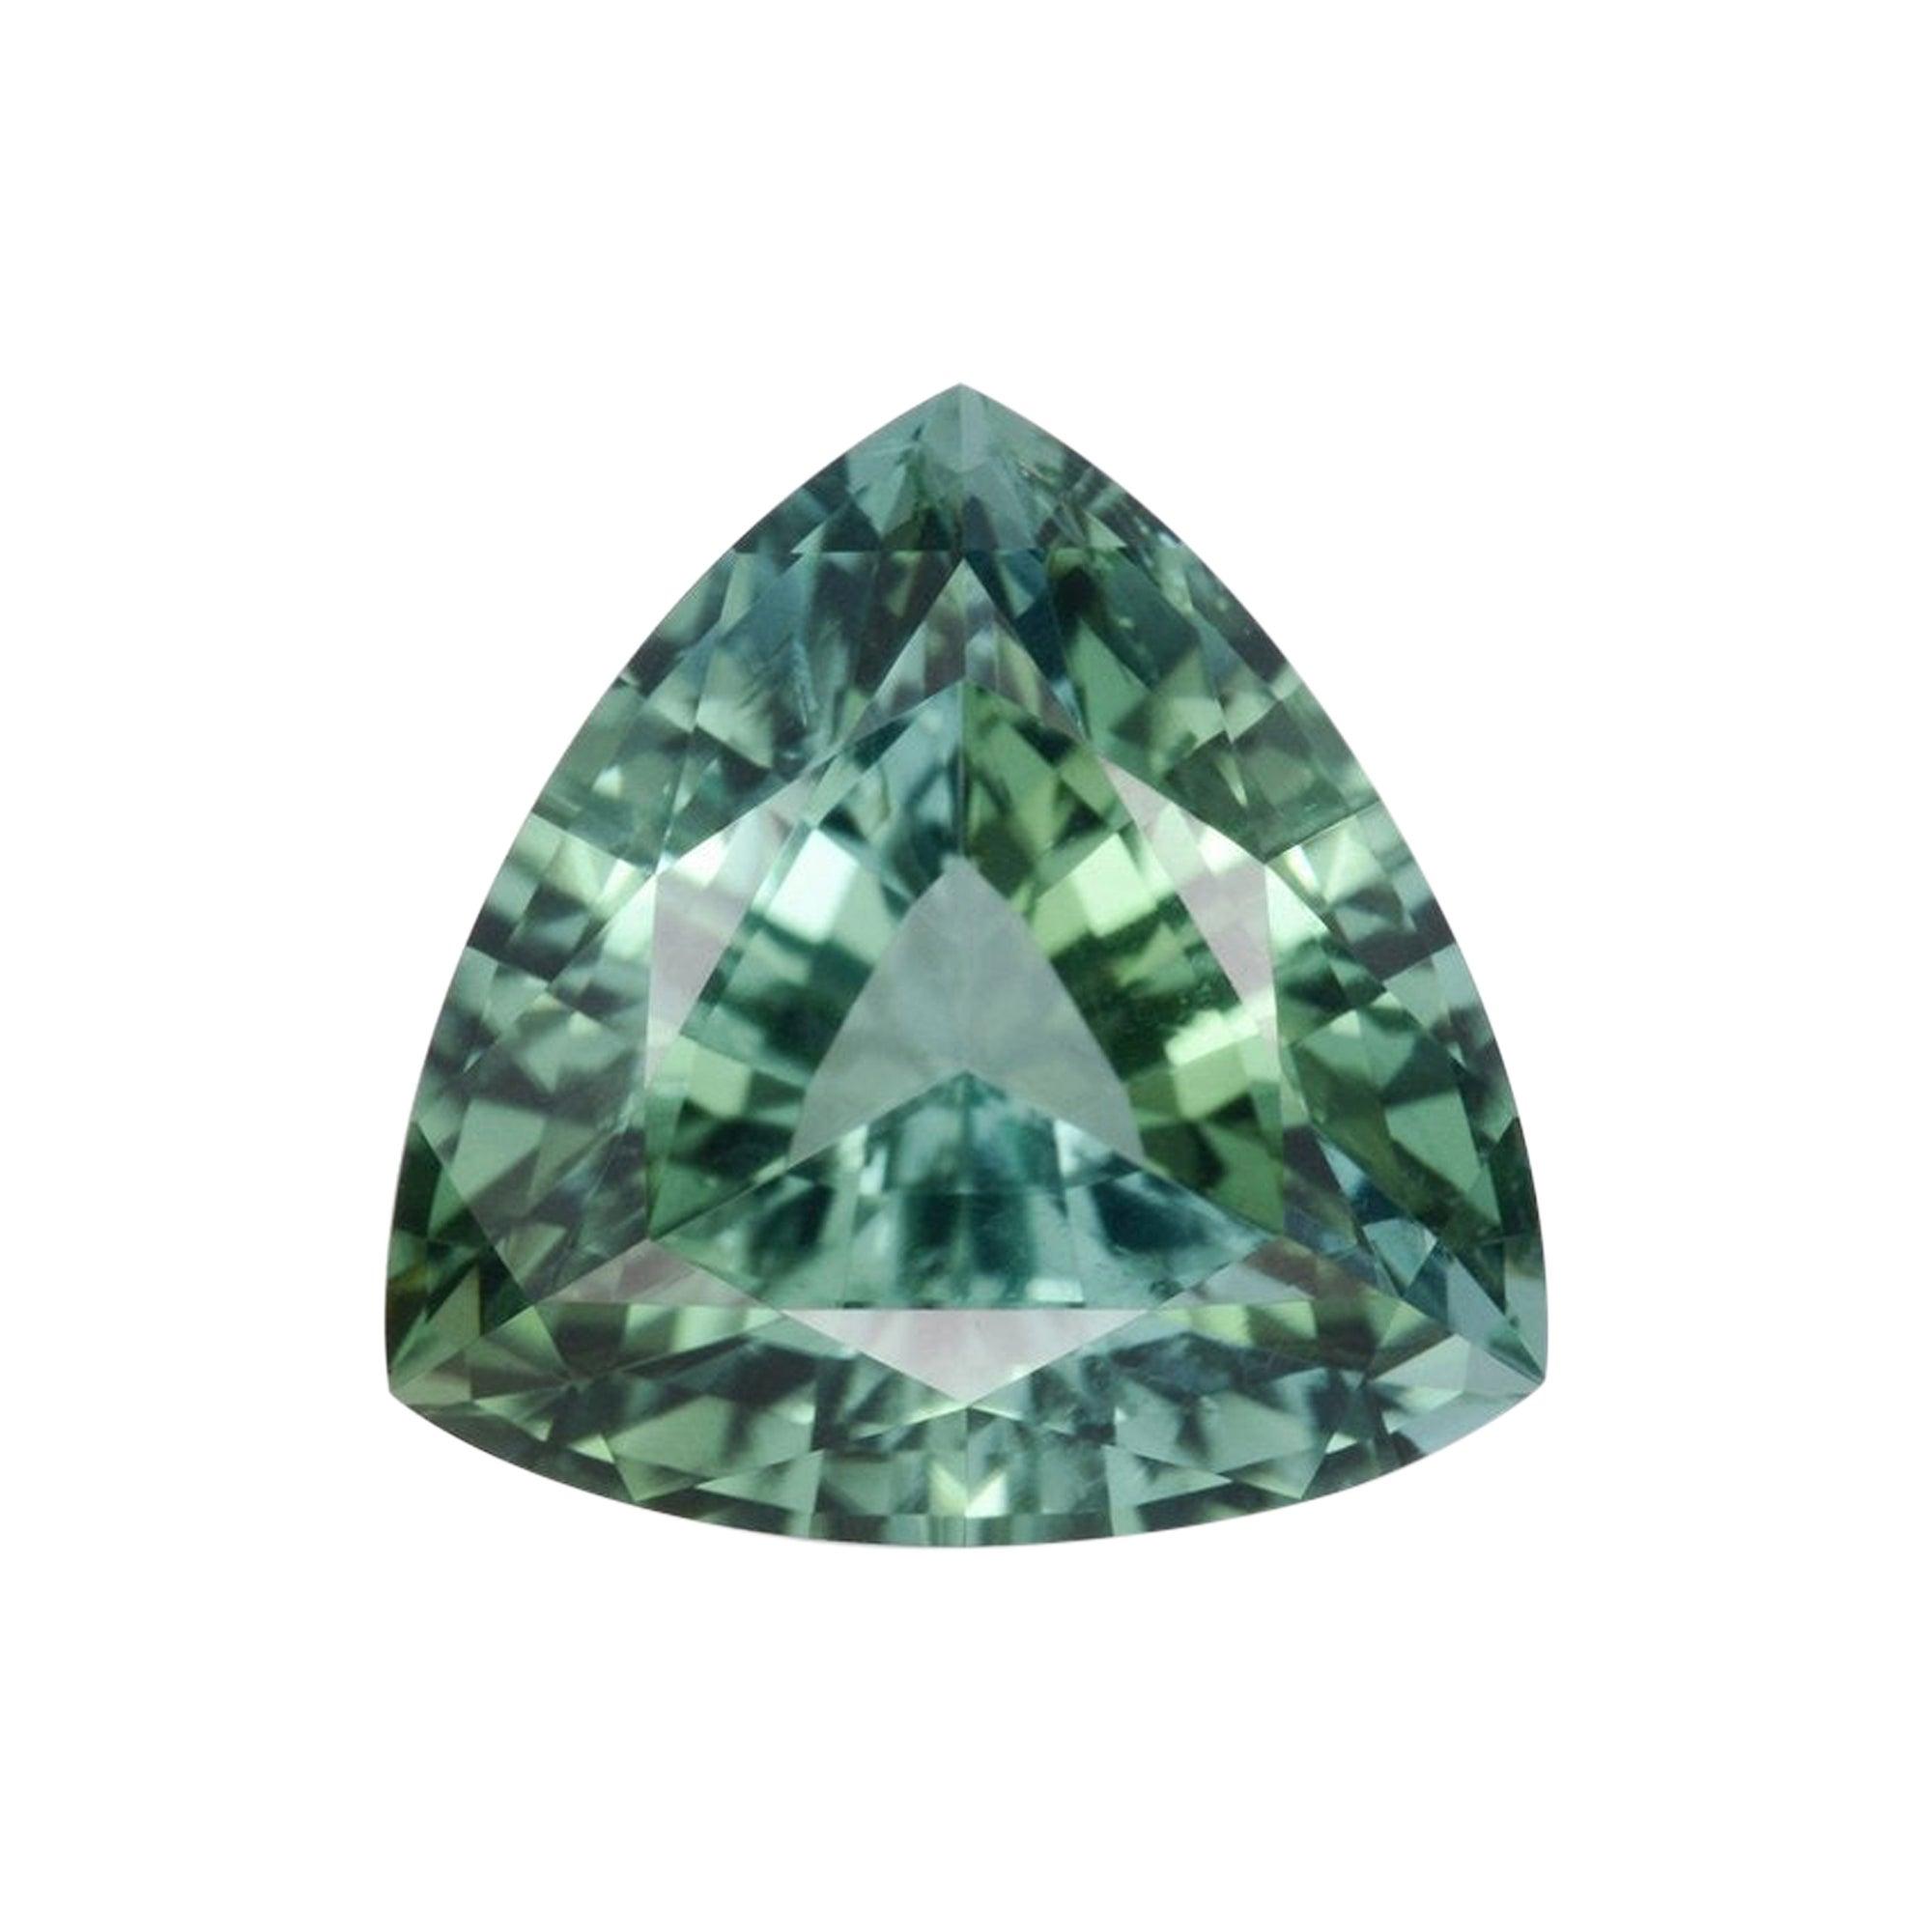 Green Tourmaline Ring Gem 3.77 Carat Trillion Loose Gemstone